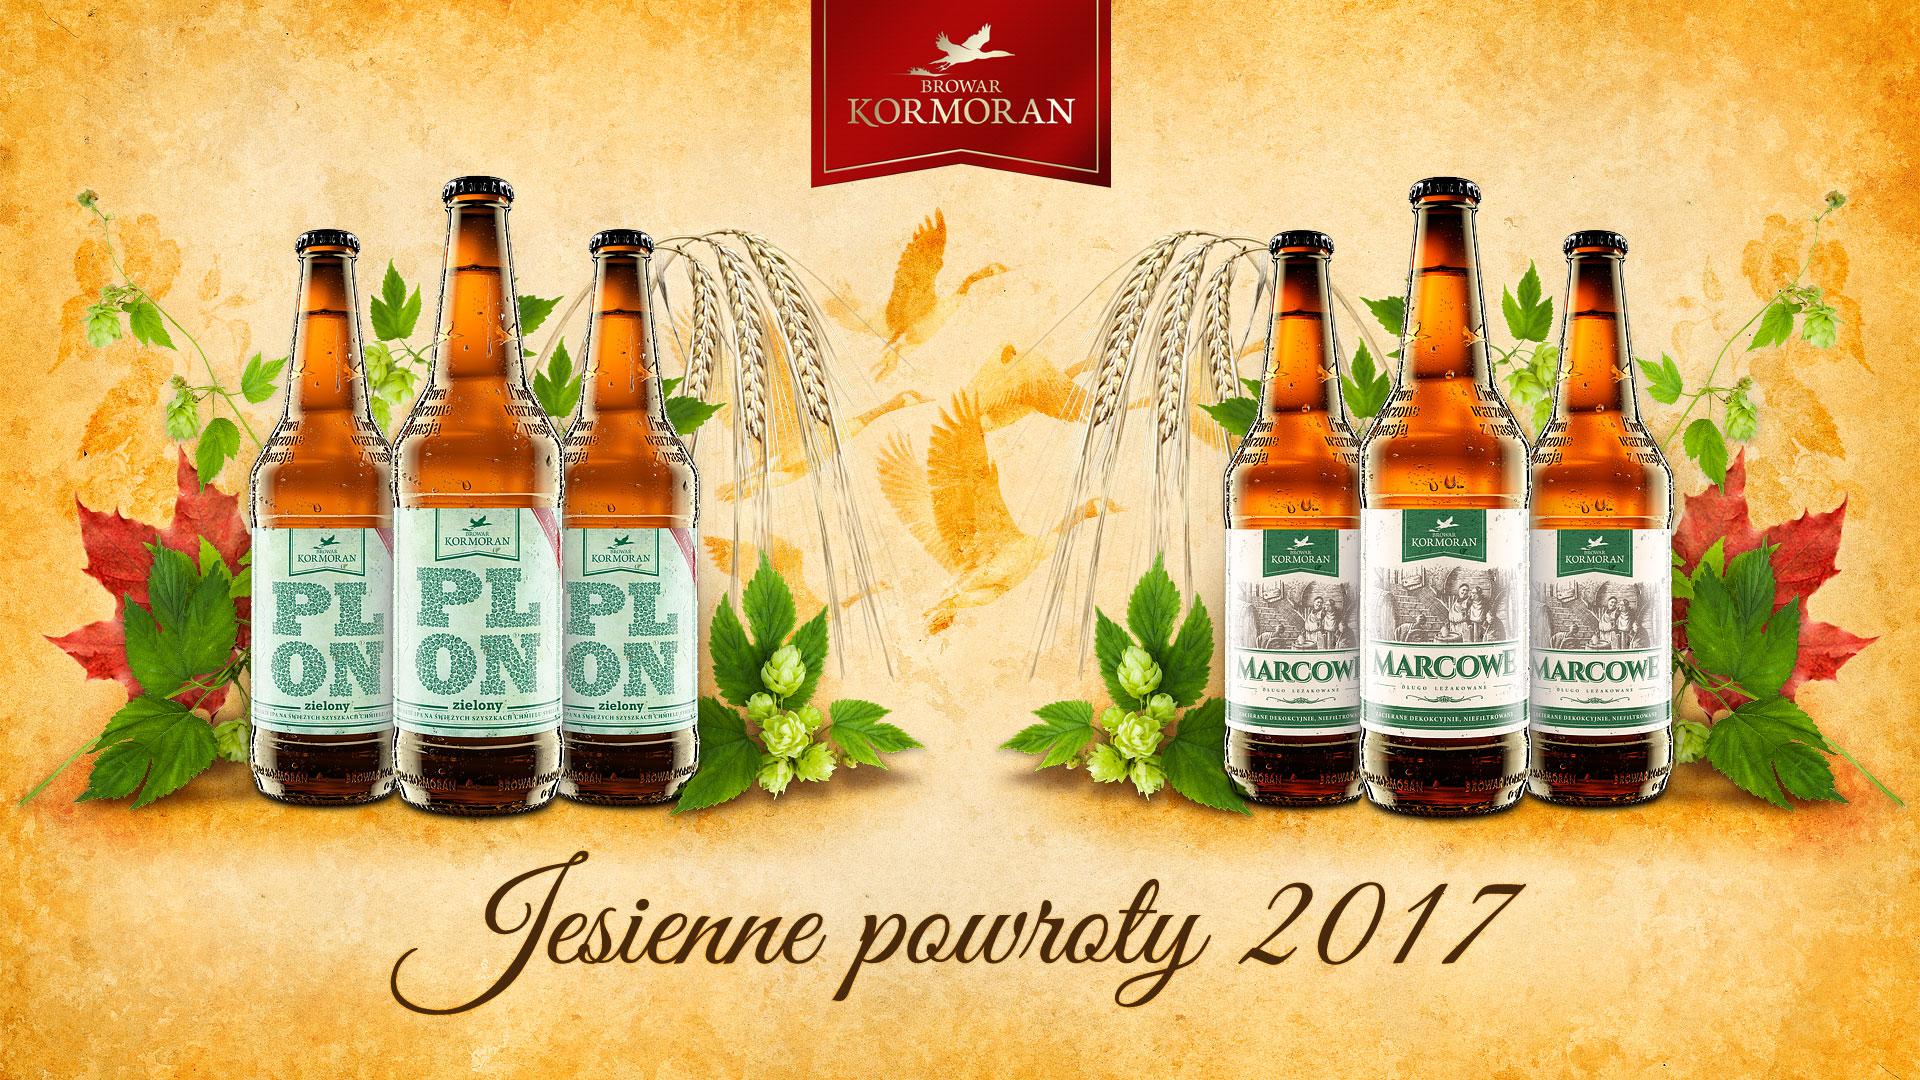 Browar Kormoran - jesienne powroty 2017 - PLON Zielony i Marcowe